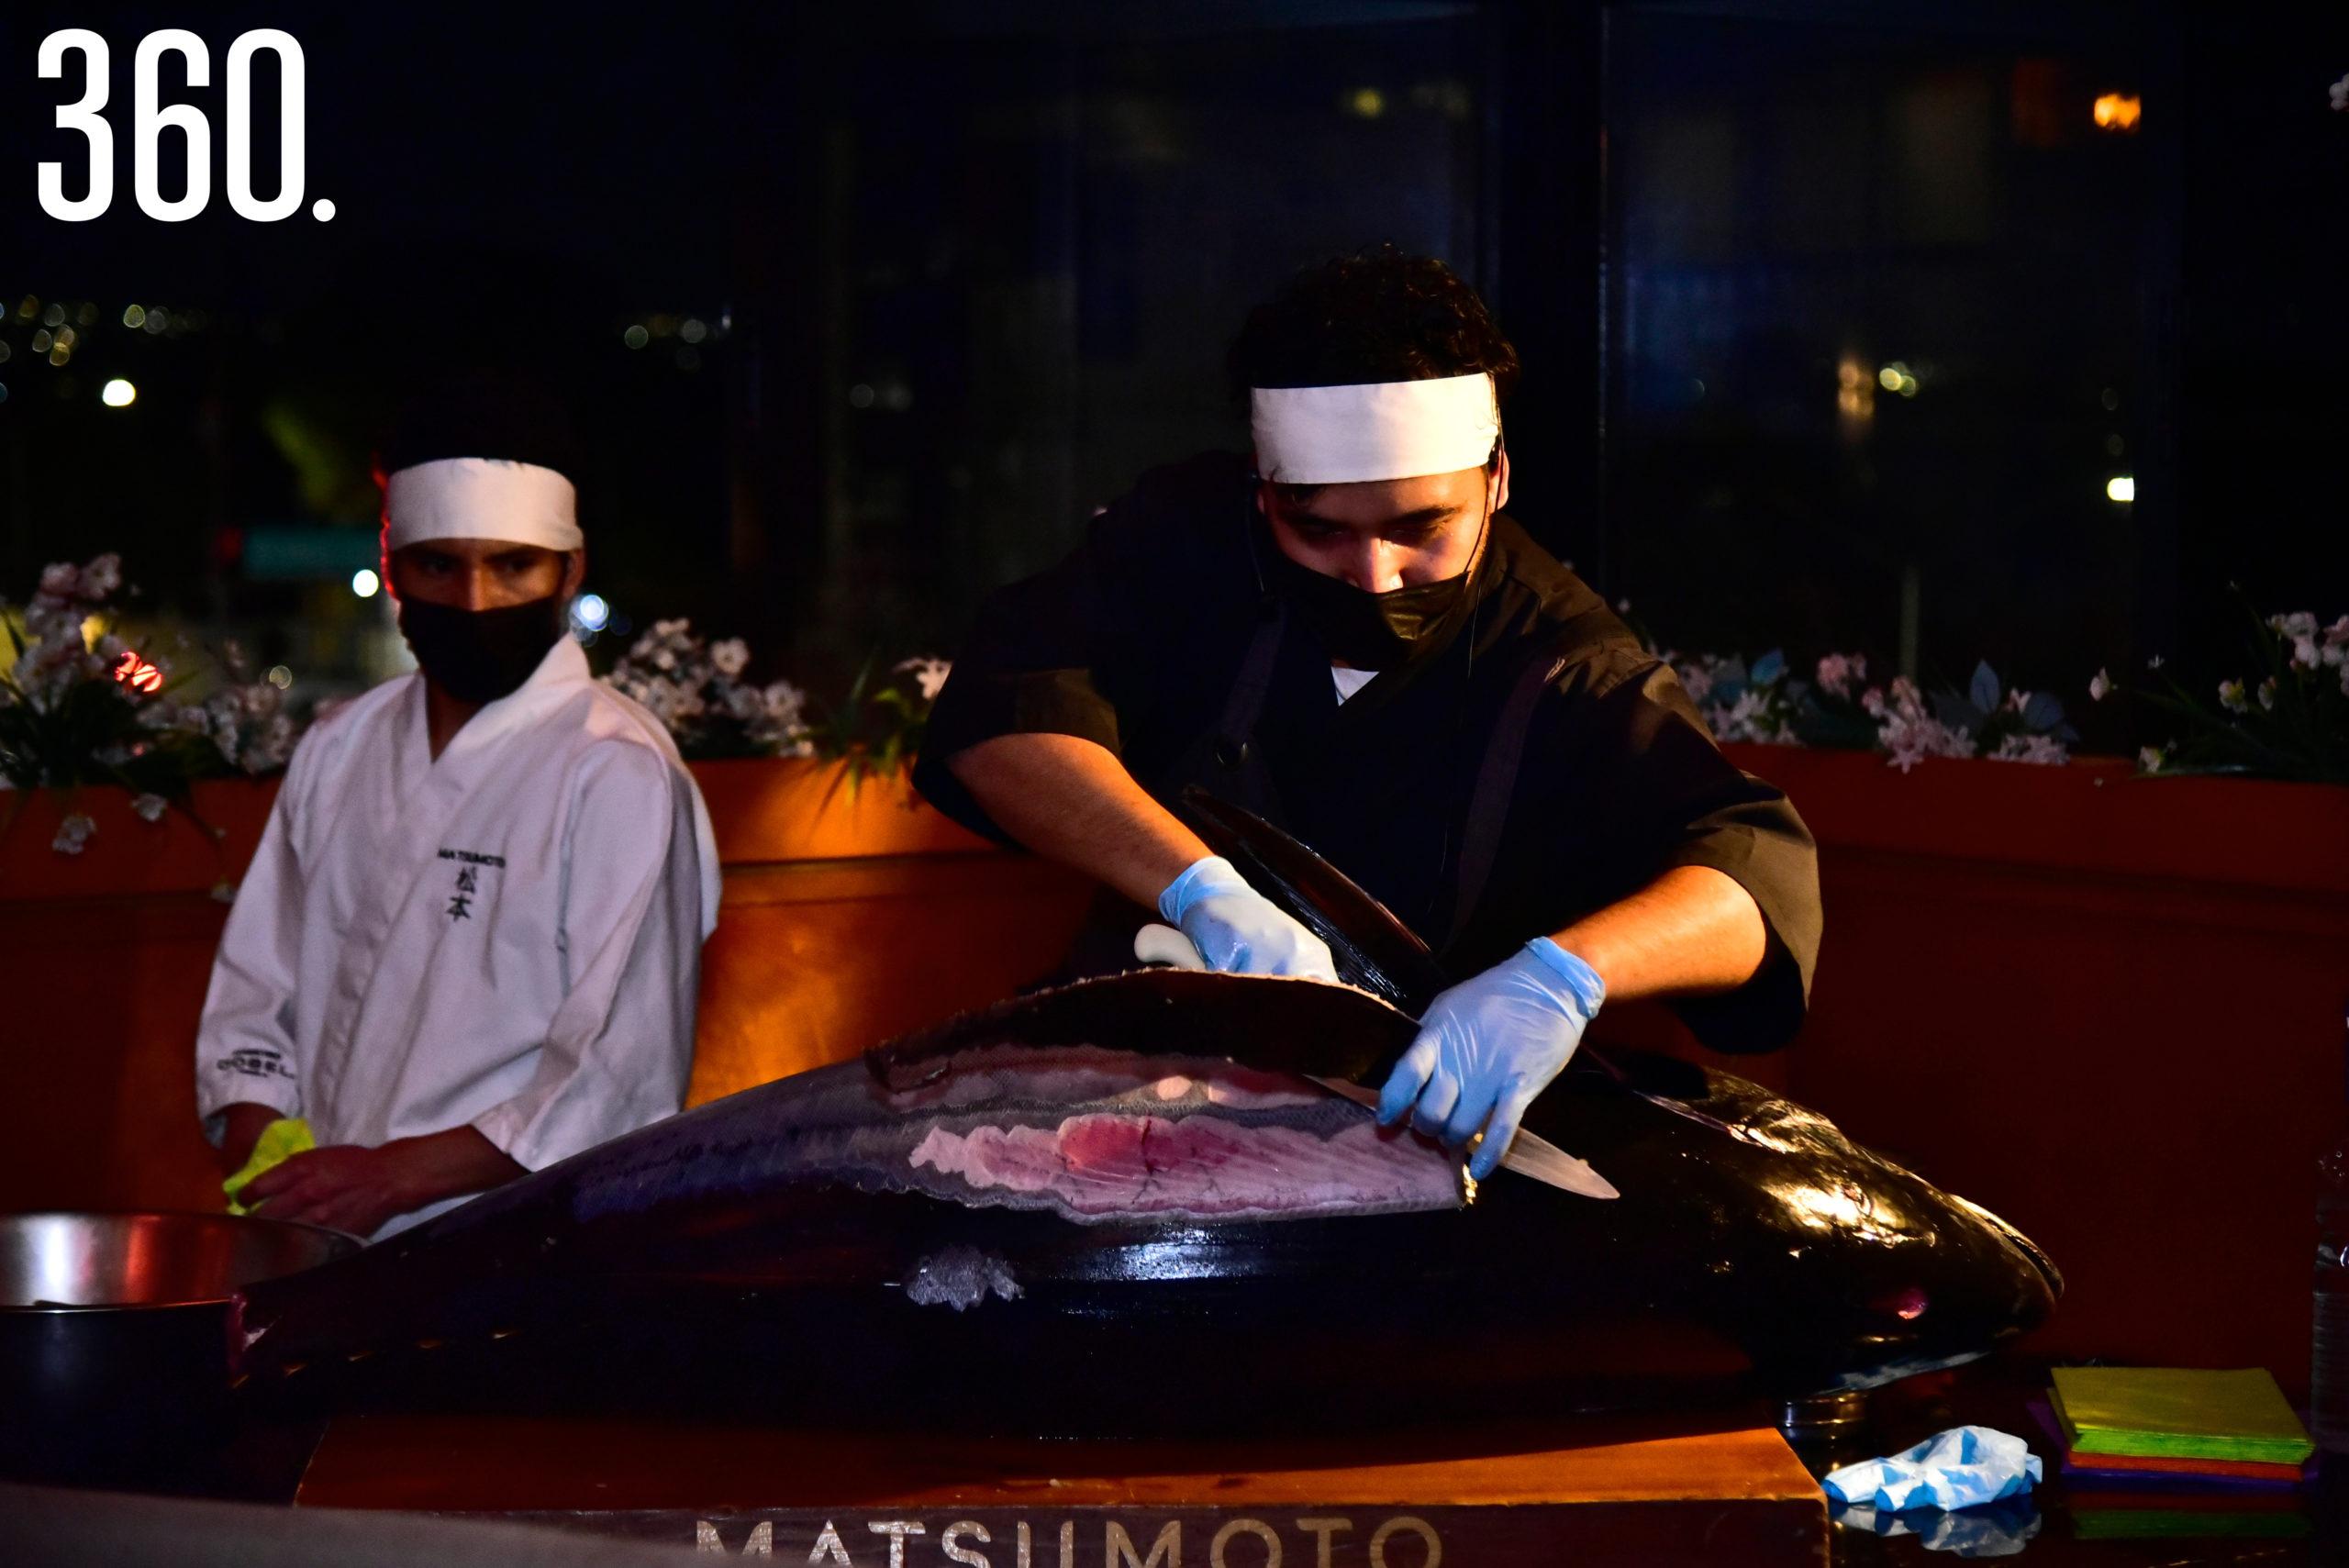 El atún, estrella del evento en Matsumoto.